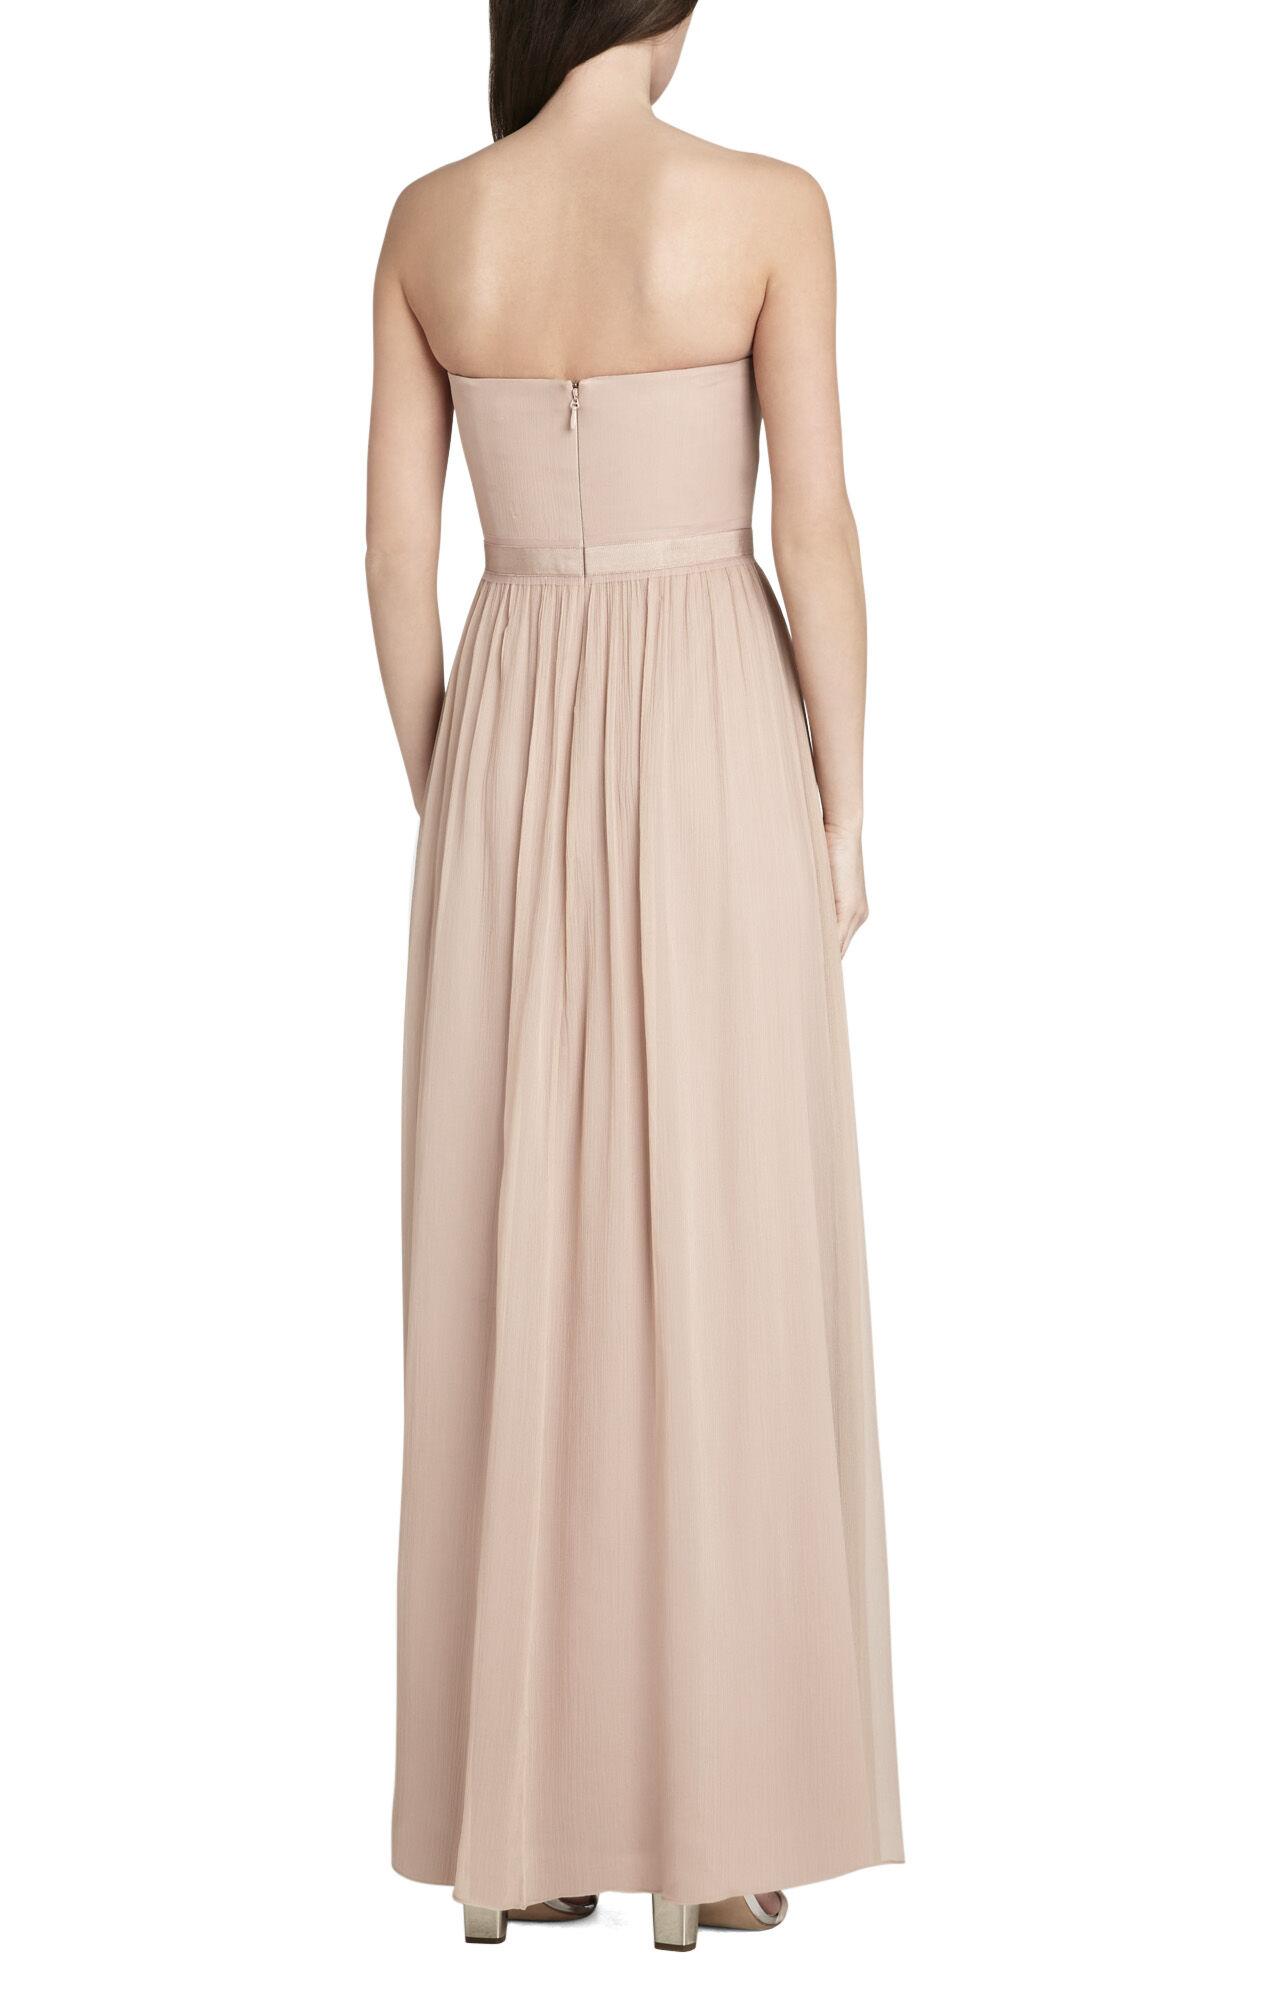 Amber Cascade Strapless Dress